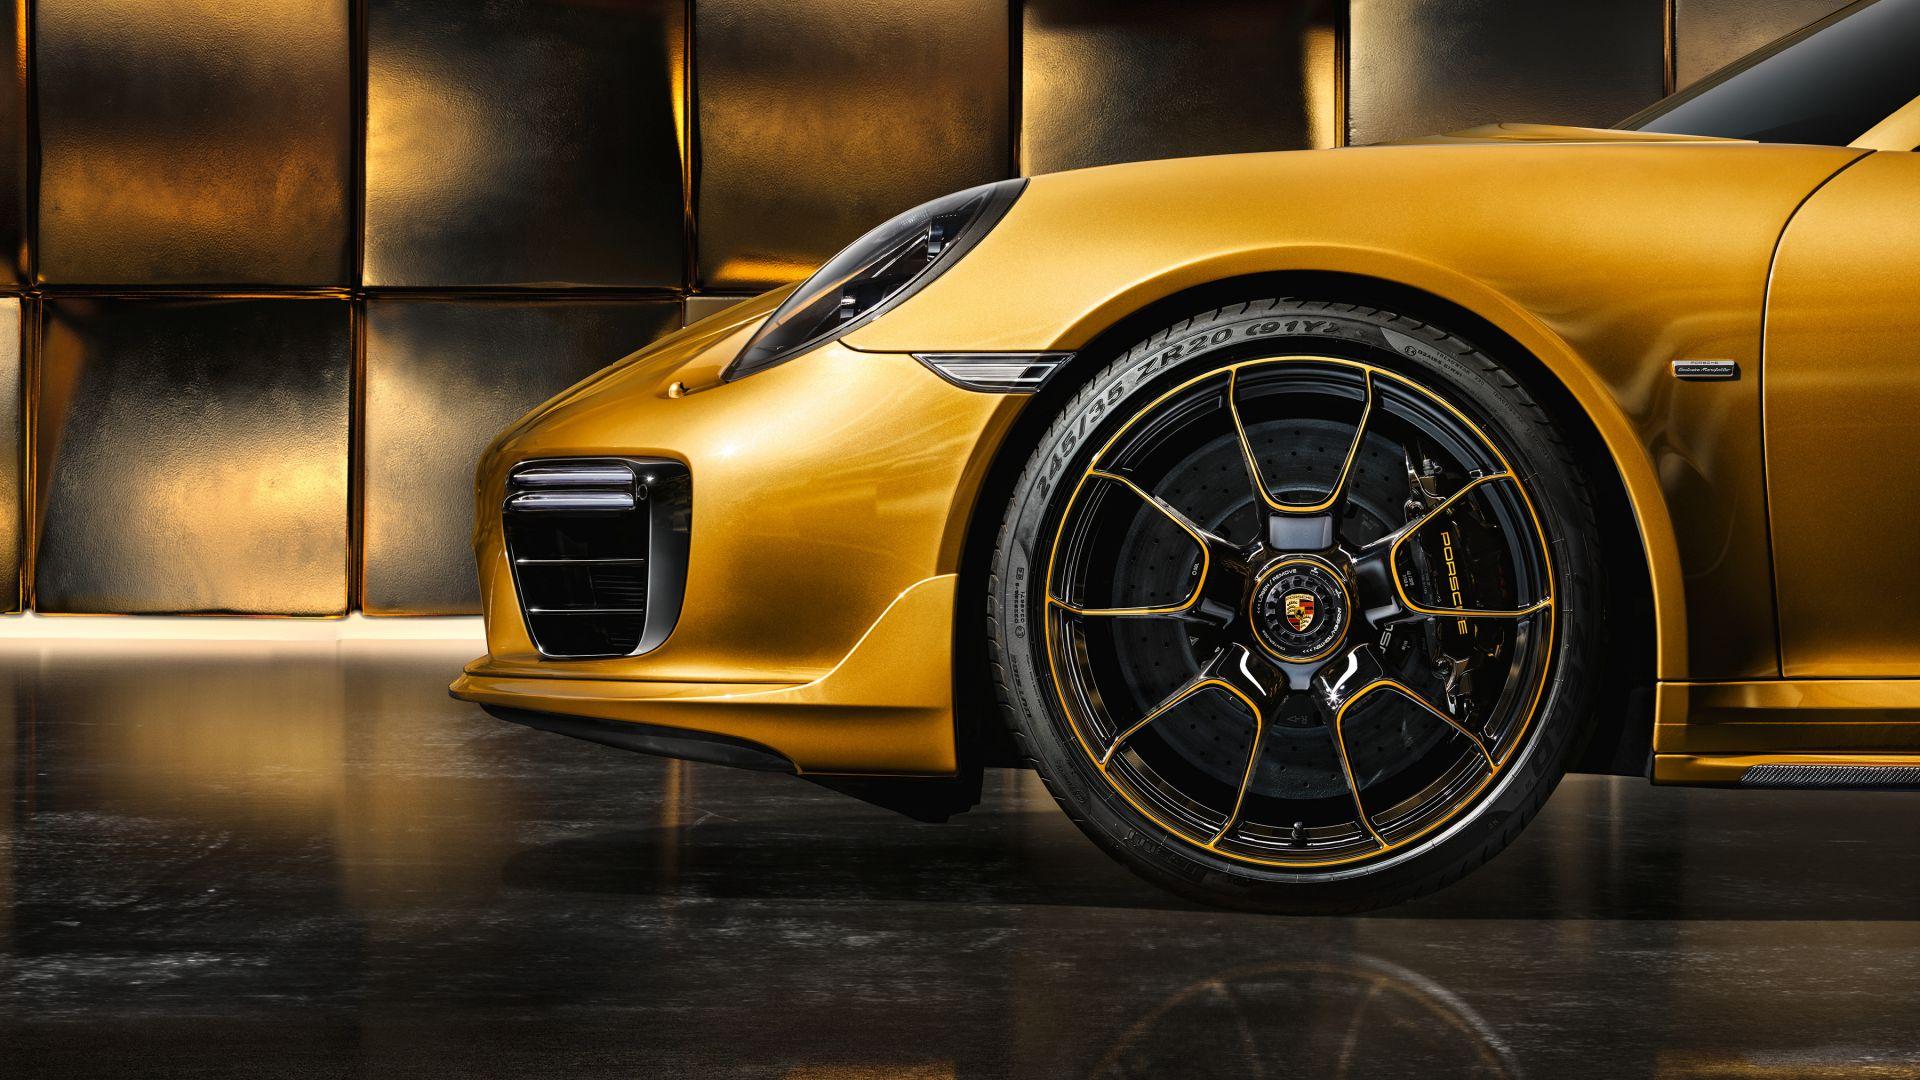 Porsche, Exclusive Series, Porsche 911 Turbo, Car, Wheel Wallpaper